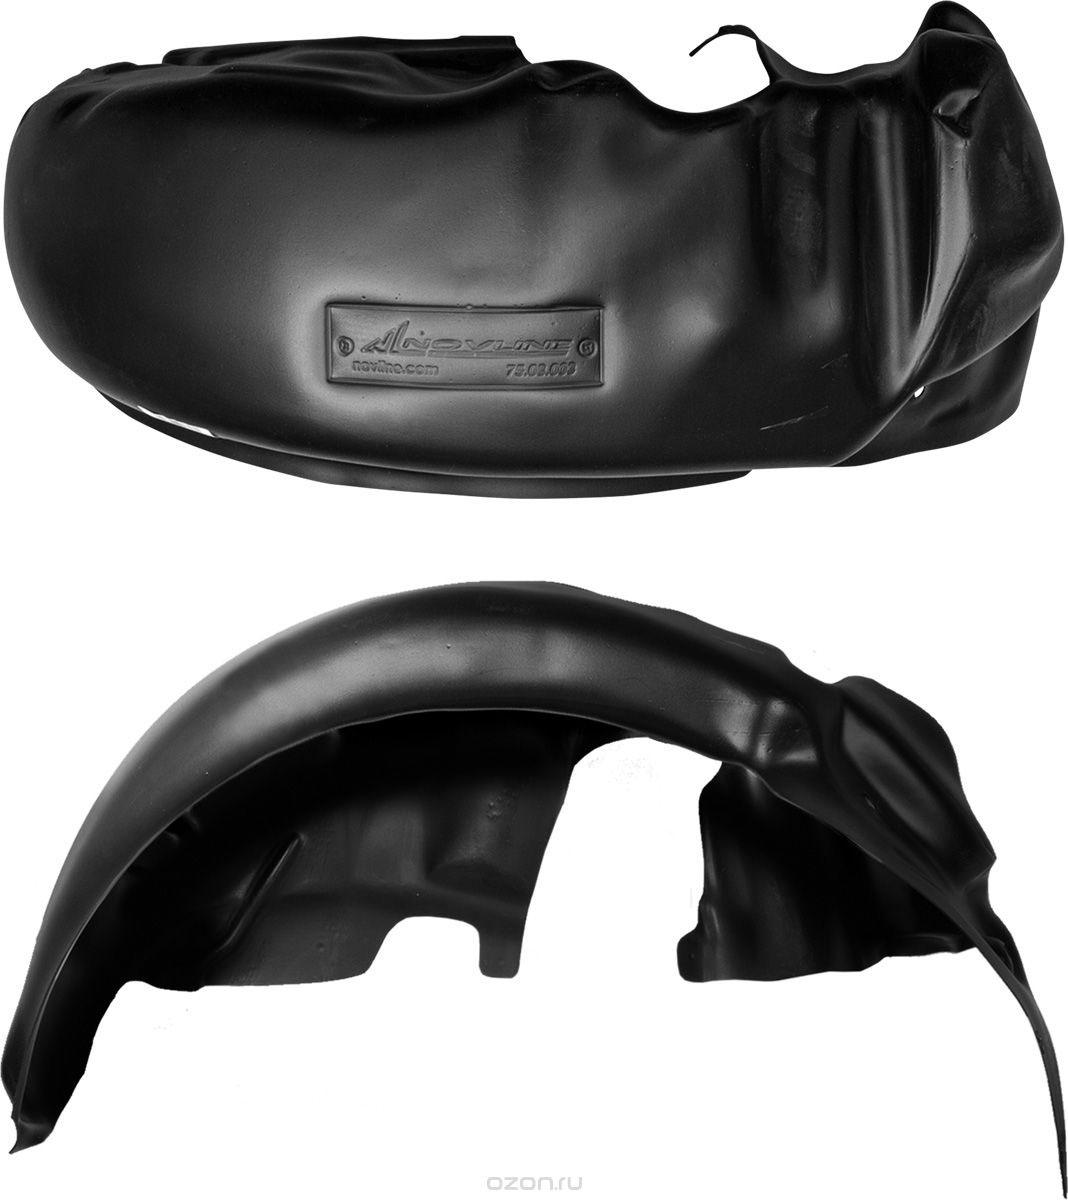 Подкрылок Novline-Autofamily, для CHEVROLET Aveo 5D/3D 2008->, хб., задний правый, NLL.08.13.004NLL.08.13.004Идеальная защита колесной ниши. Локеры разработаны с применением цифровых технологий, гарантируют максимальную повторяемость поверхности арки. Изделия устанавливаются без нарушения лакокрасочного покрытия автомобиля, каждый подкрылок комплектуется крепежом. Уважаемые клиенты, обращаем ваше внимание, что фотографии на подкрылки универсальные и не отражают реальную форму изделия. При этом само изделие идет точно под размер указанного автомобиля.